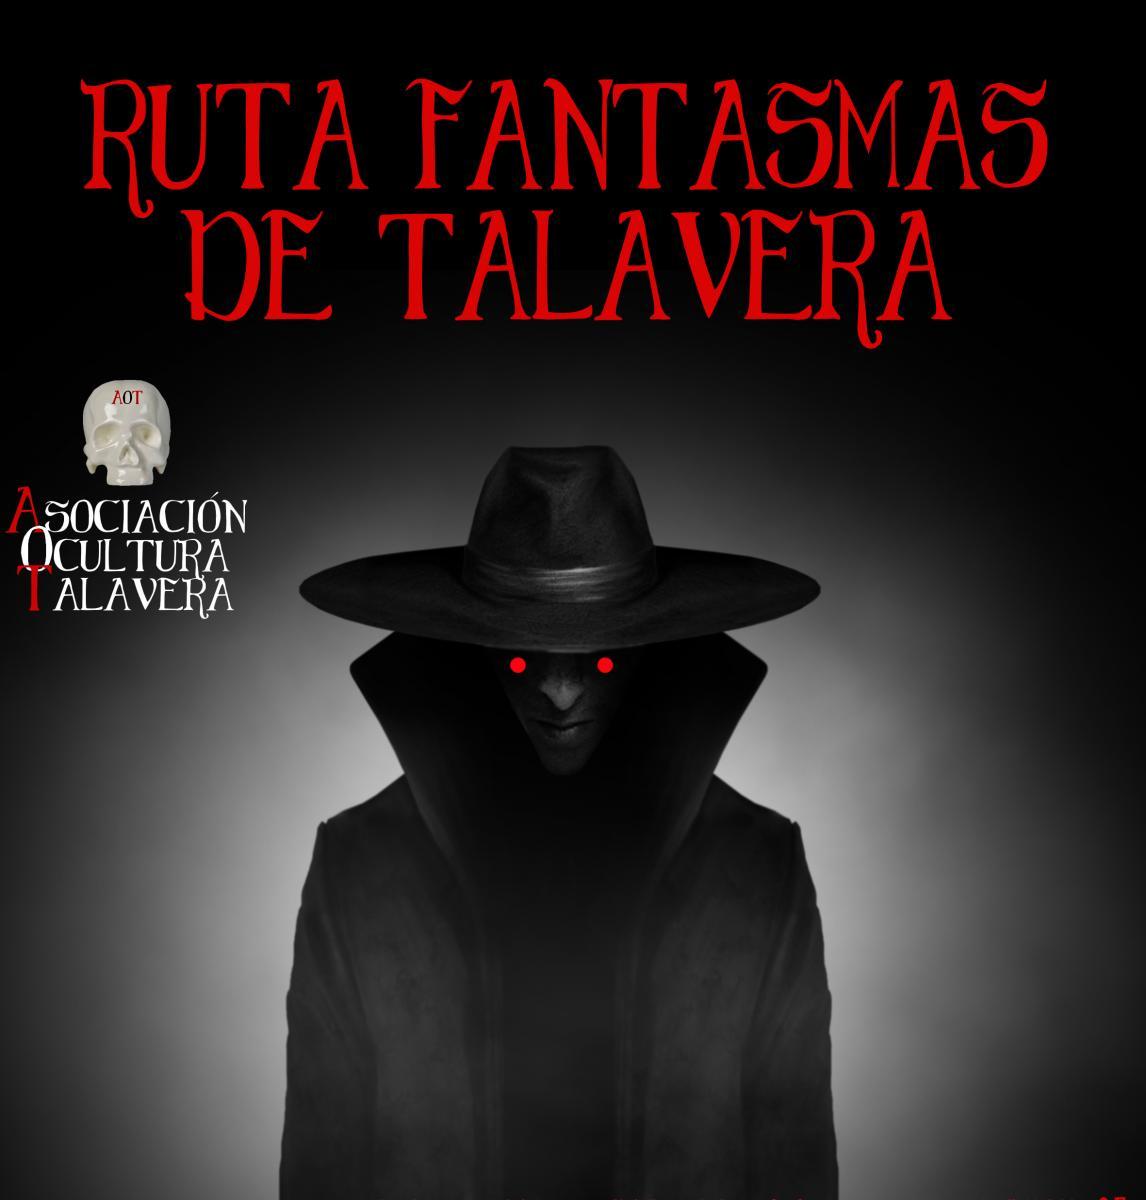 Ruta Fantasmas de Talavera